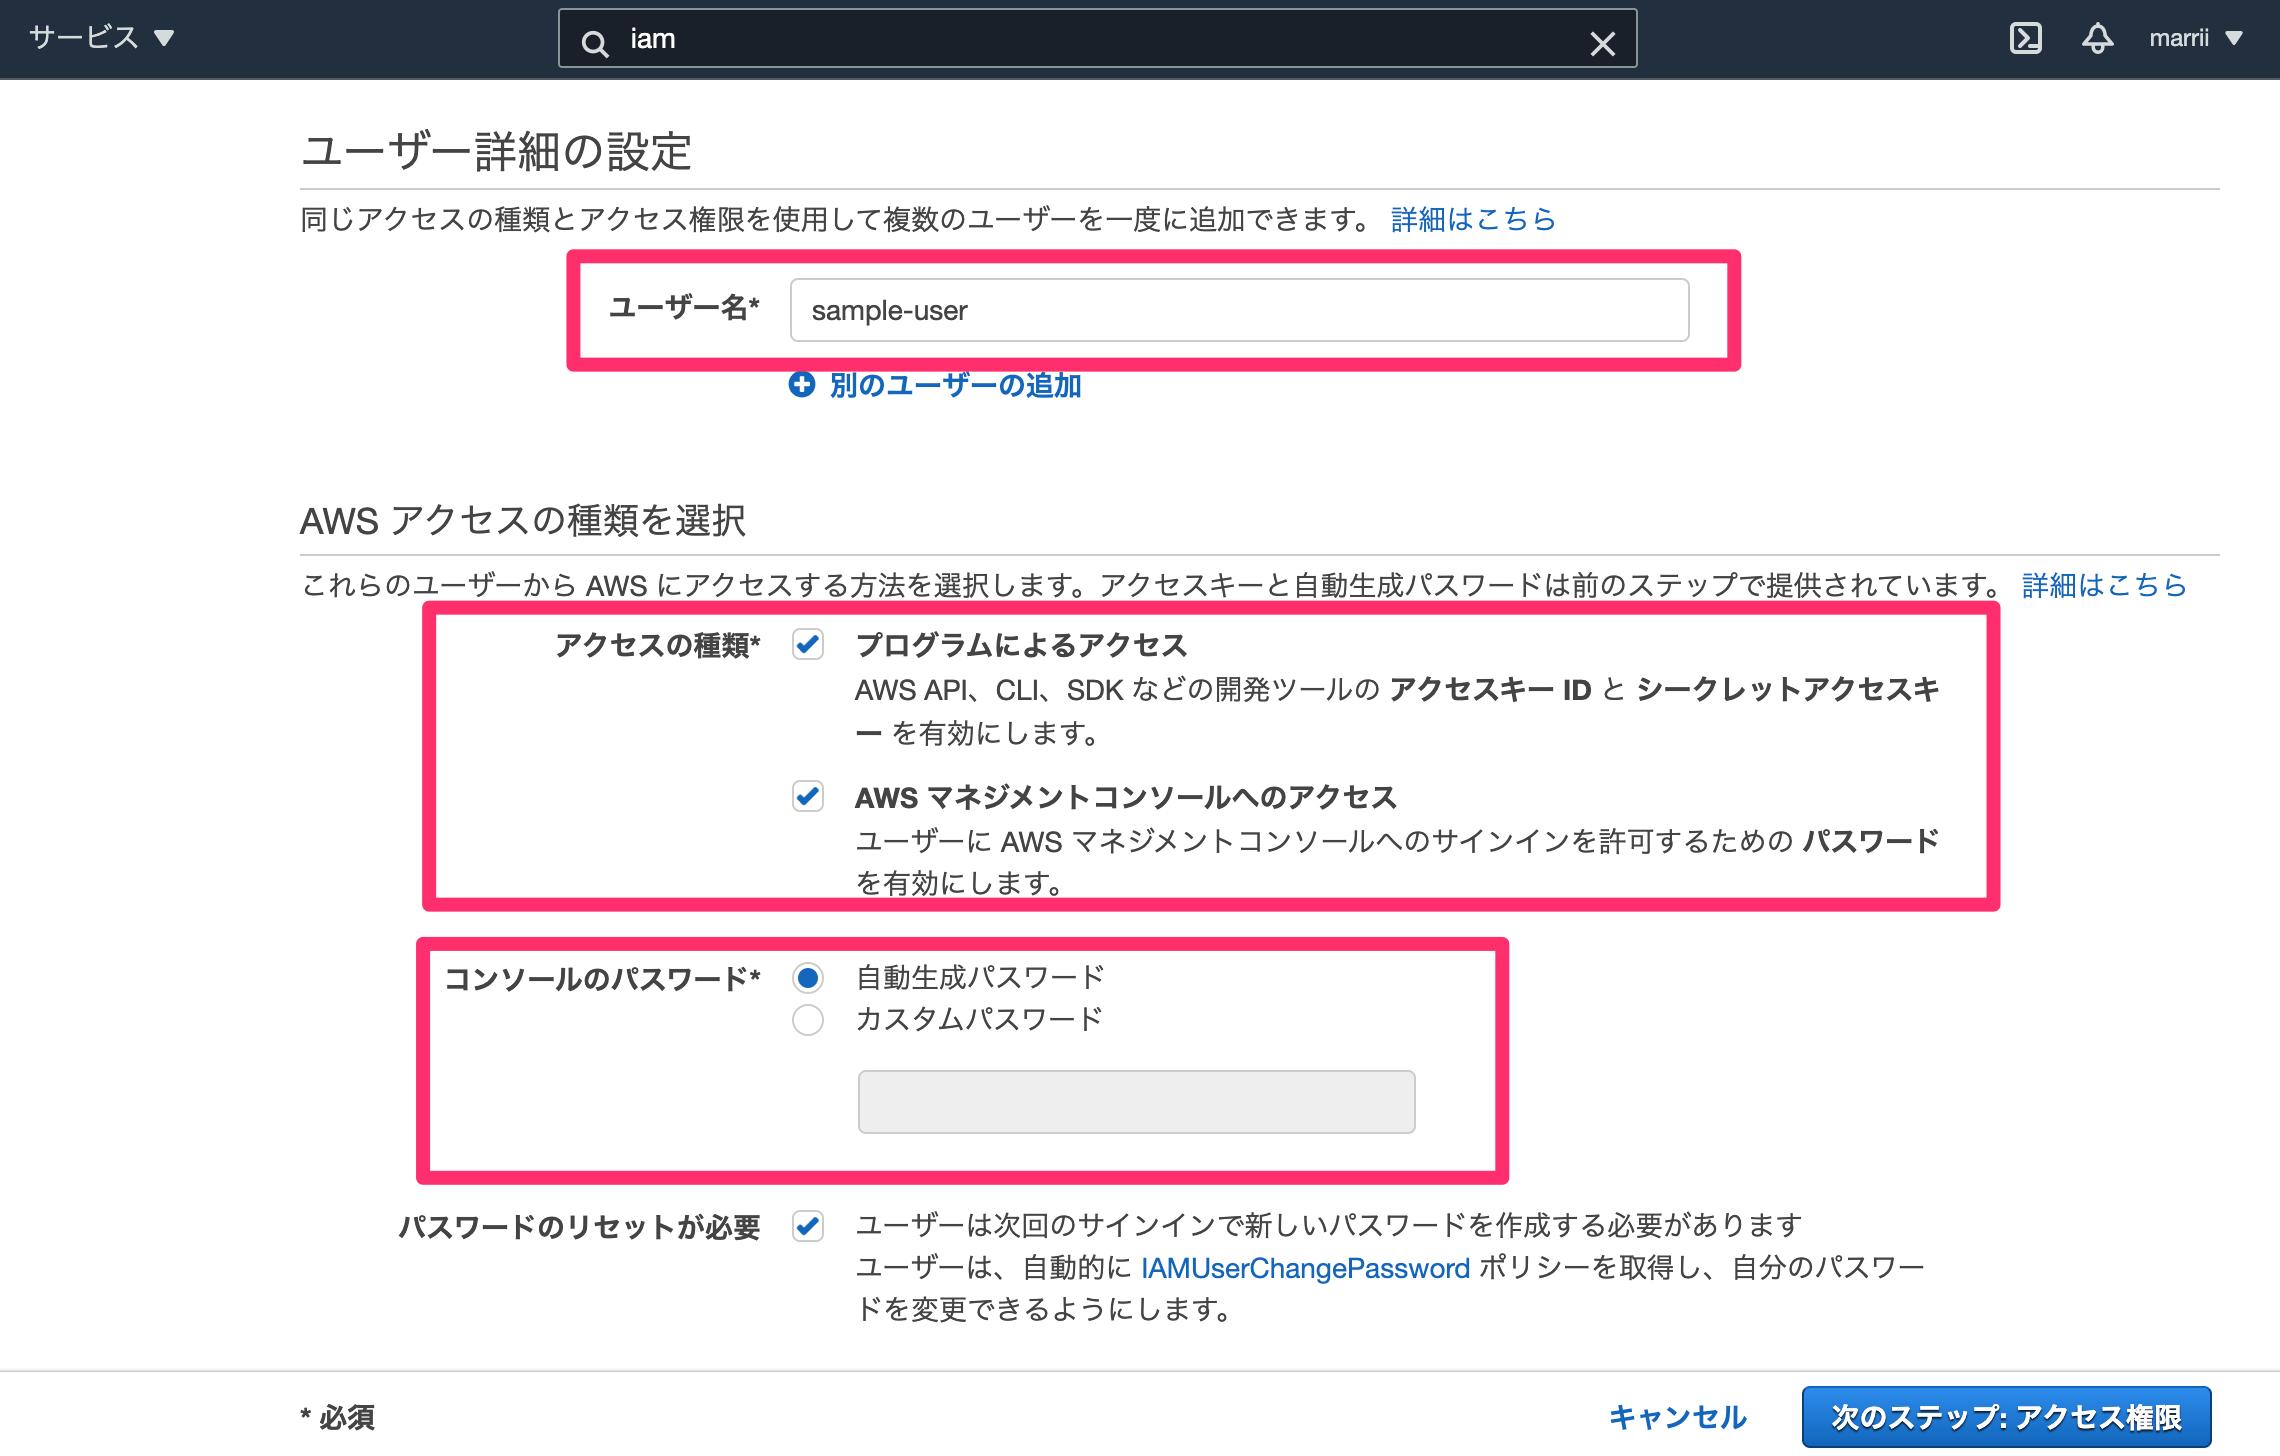 ユーザー詳細の設定ページ